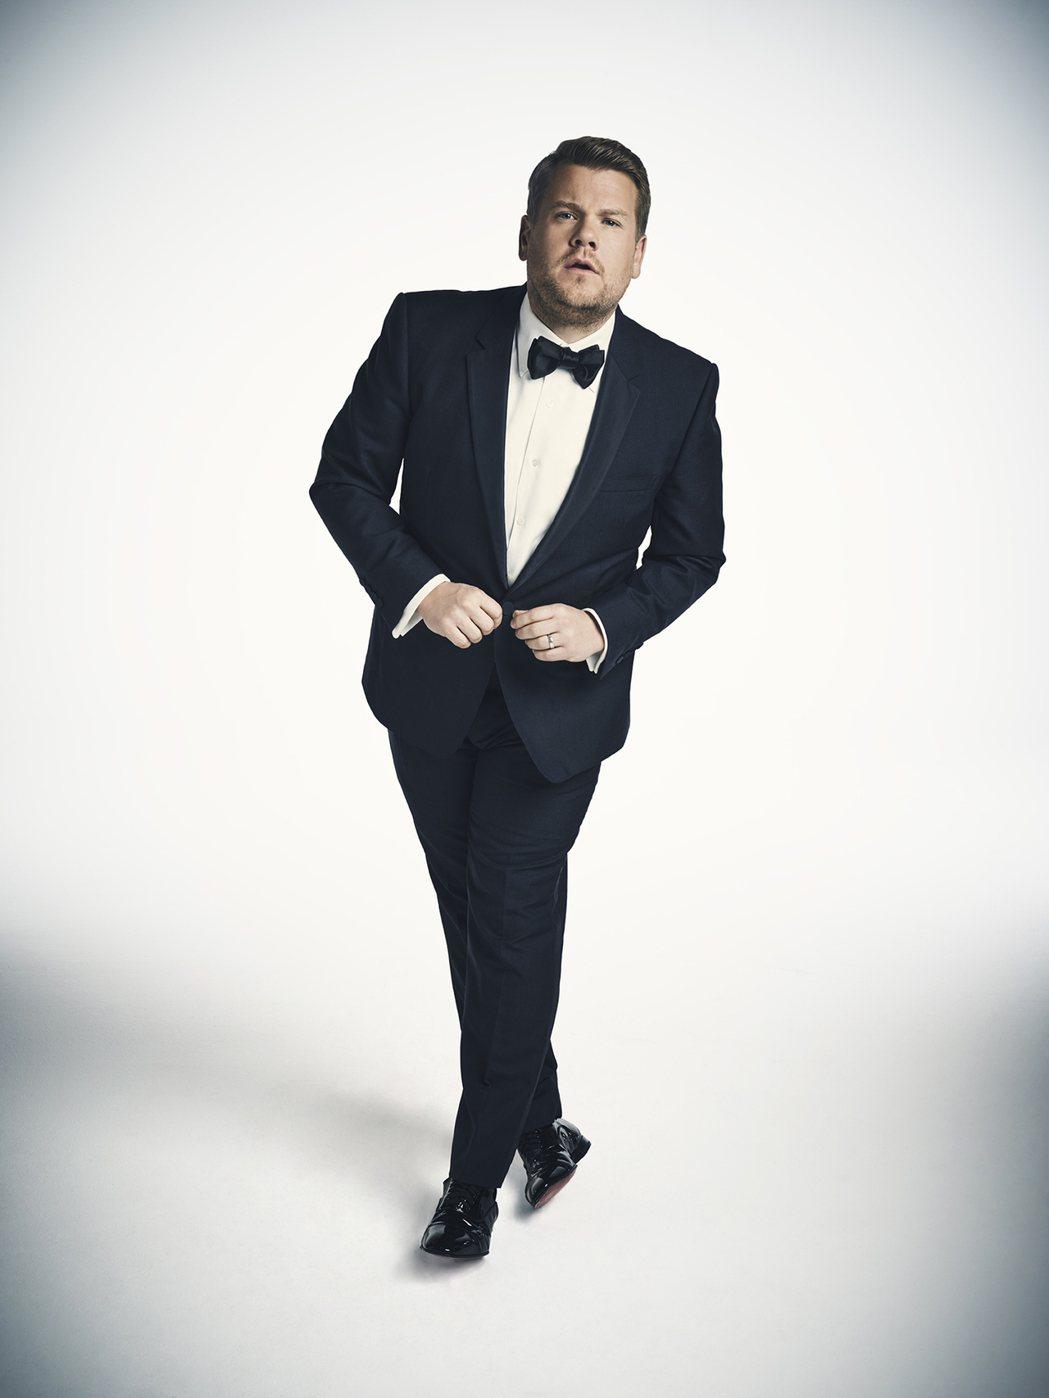 英國喜劇男星詹姆斯柯登主持本屆葛萊美獎頒獎典禮。圖/Star World提供